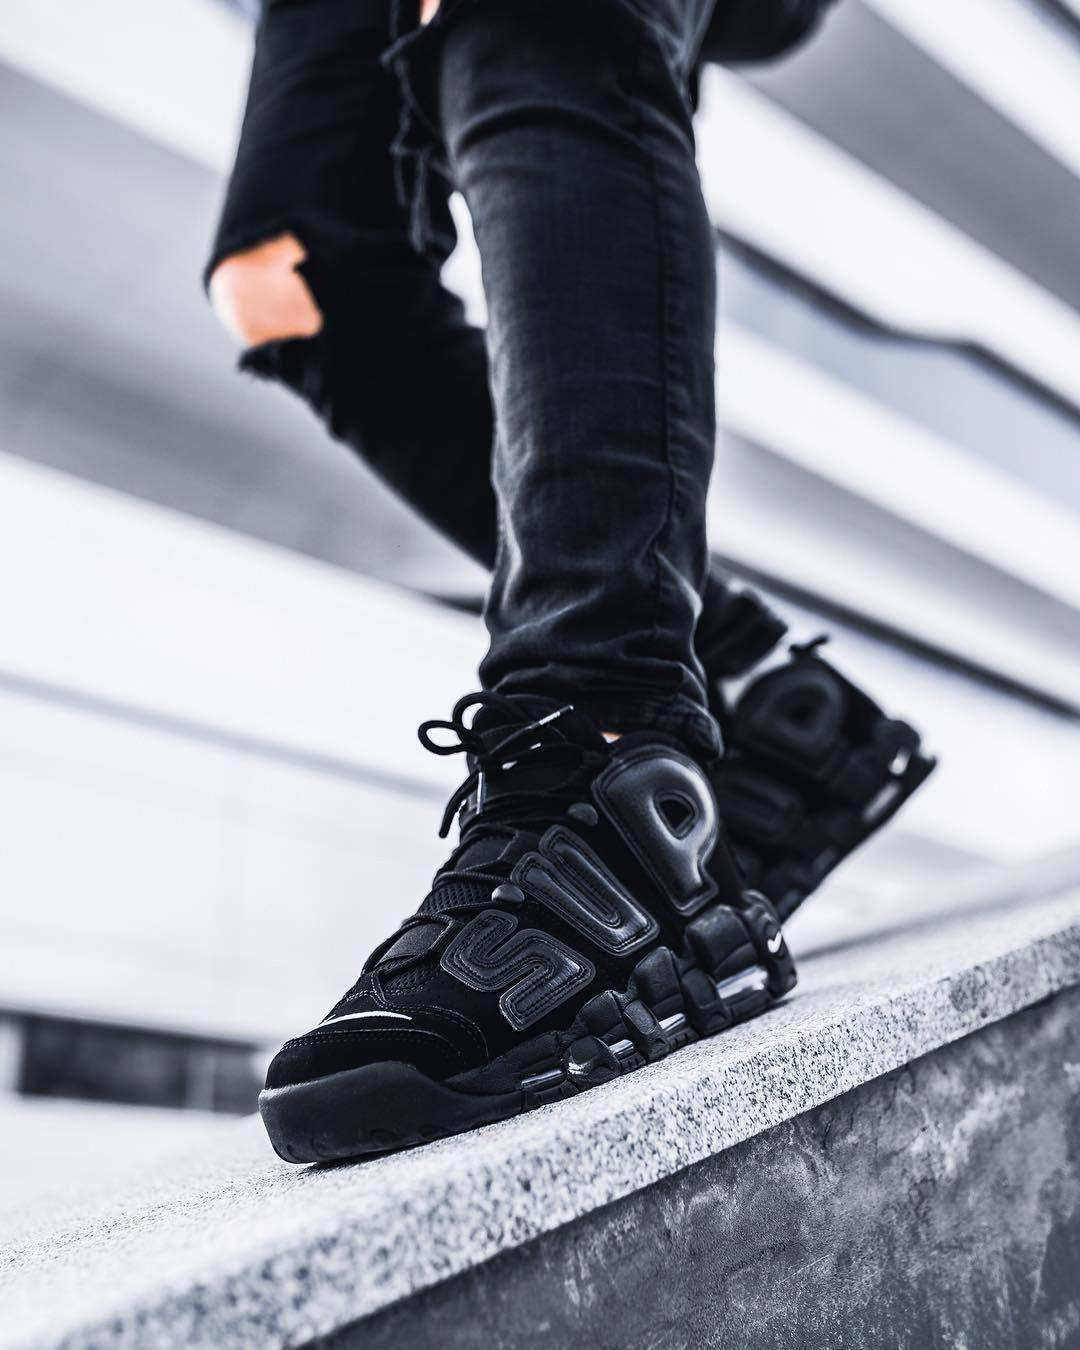 826e1a94abf0 Supreme x Nike Air More Uptempo